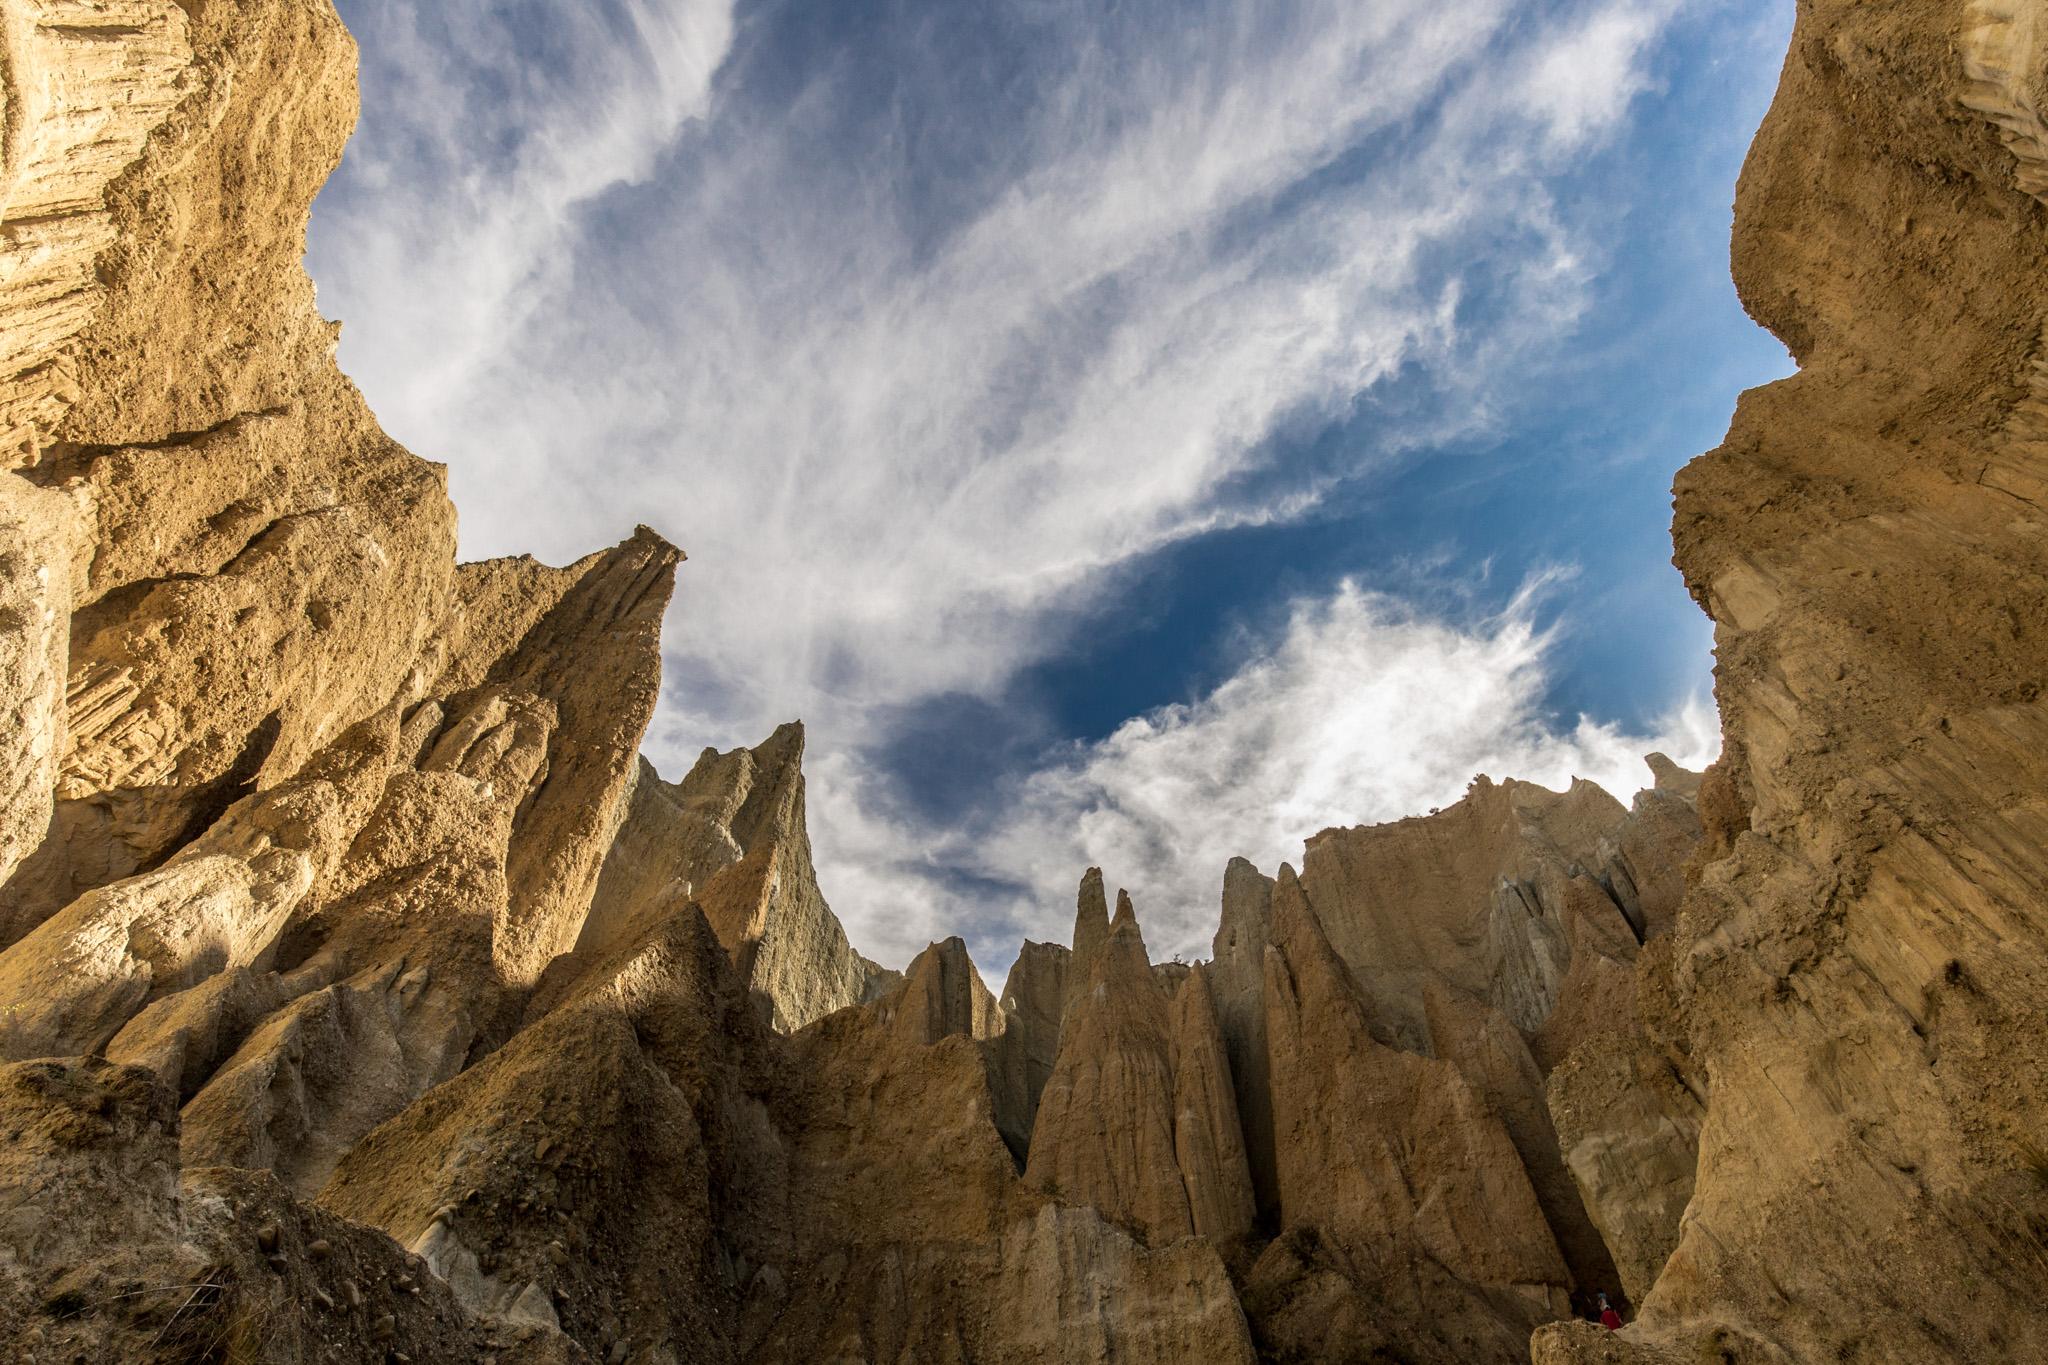 The Clay Cliffs